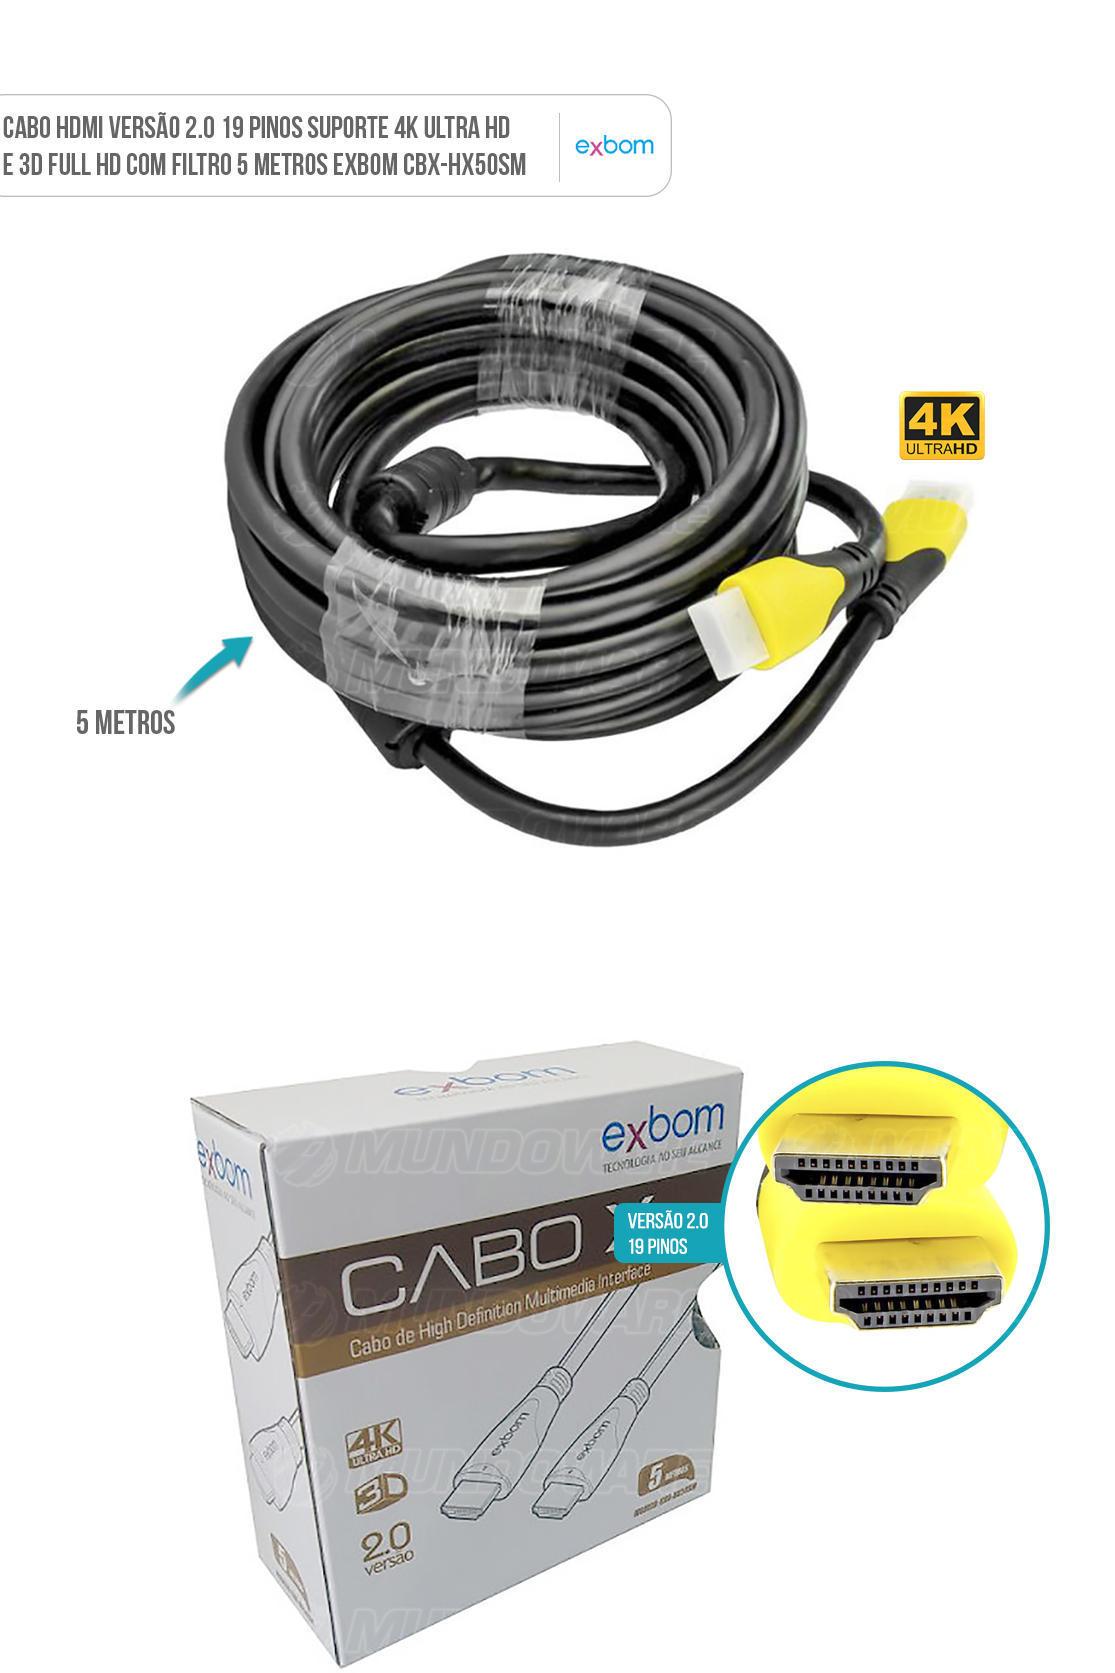 Cabo HDMI versão 2.0 com 19pin suporte 4K UHD e 3D 5m